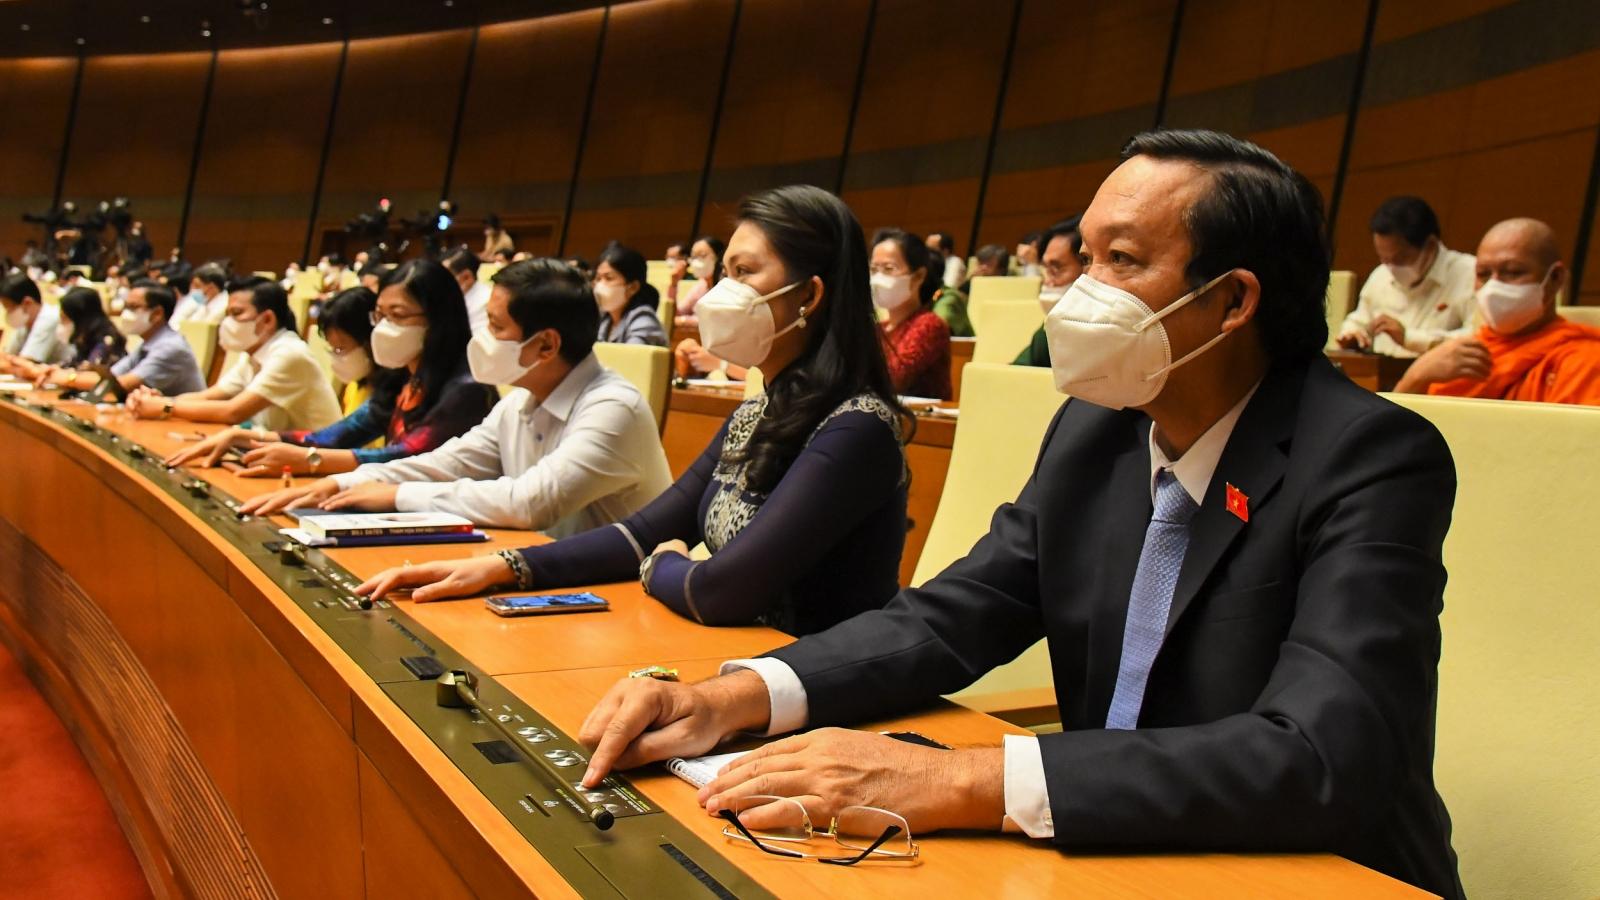 Quốc hội thông qua 2 Nghị quyết quan trọng liên quan đến đời sống dân sinh